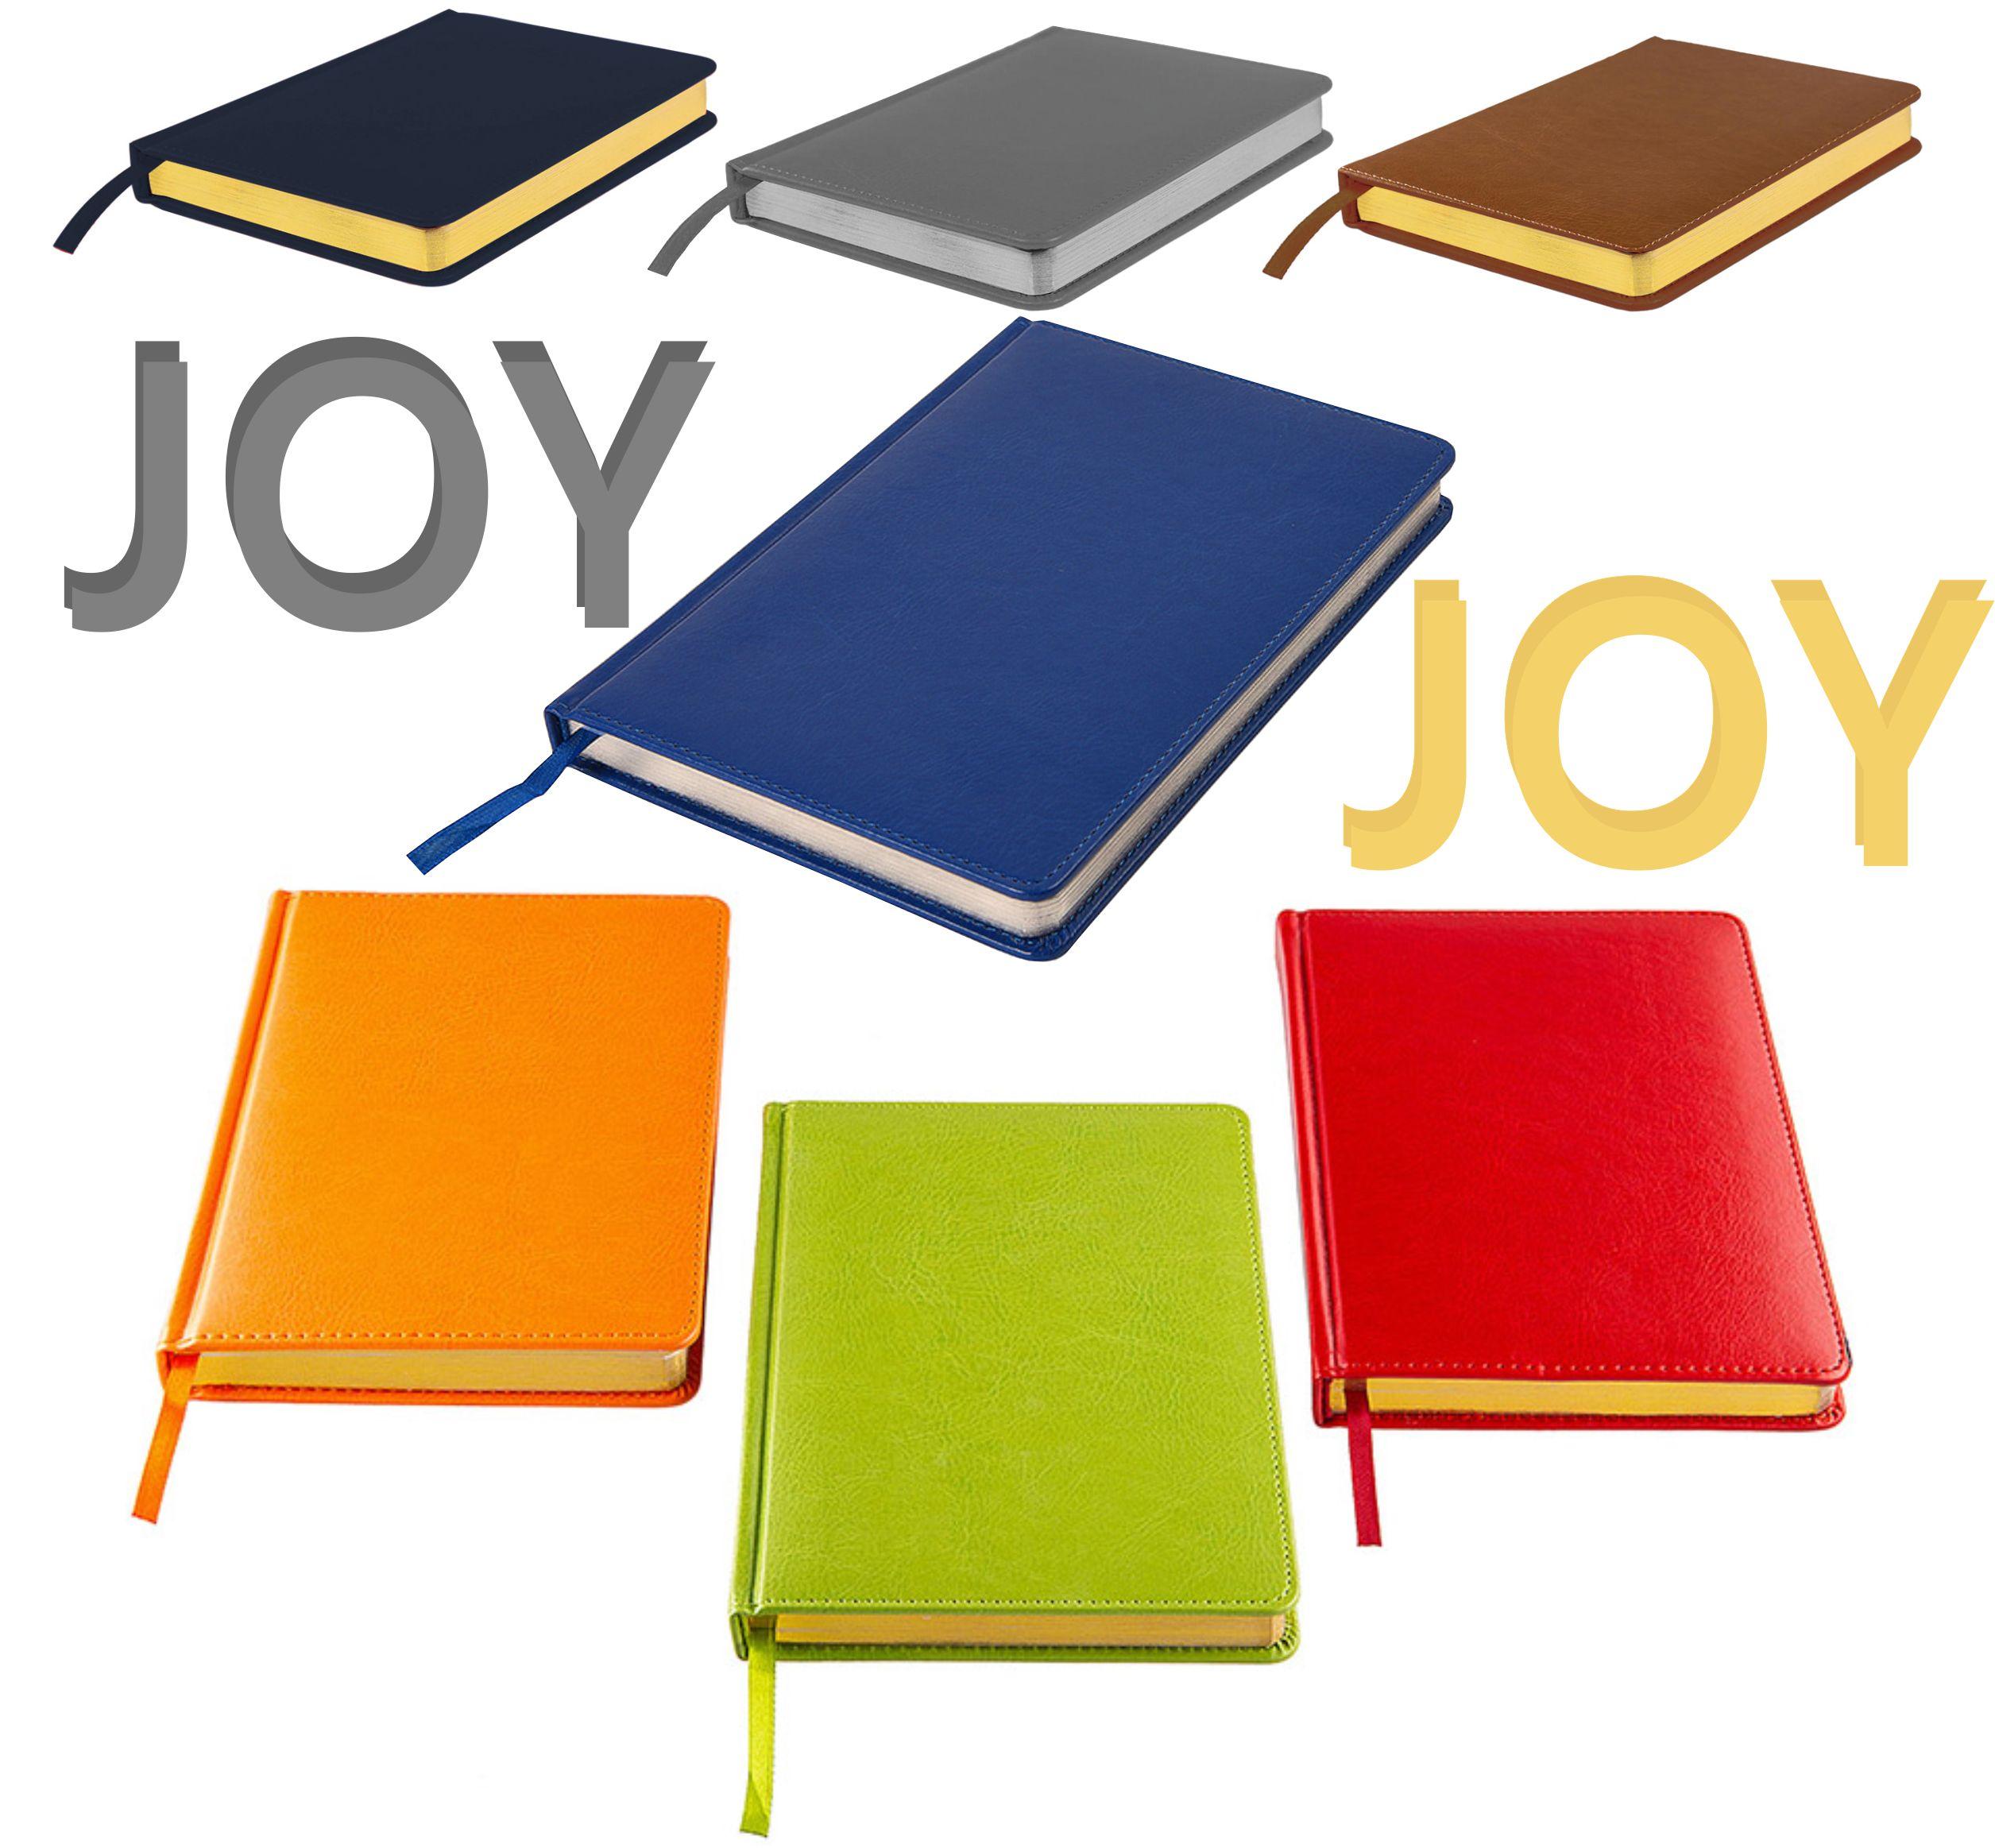 ежедневники Joy